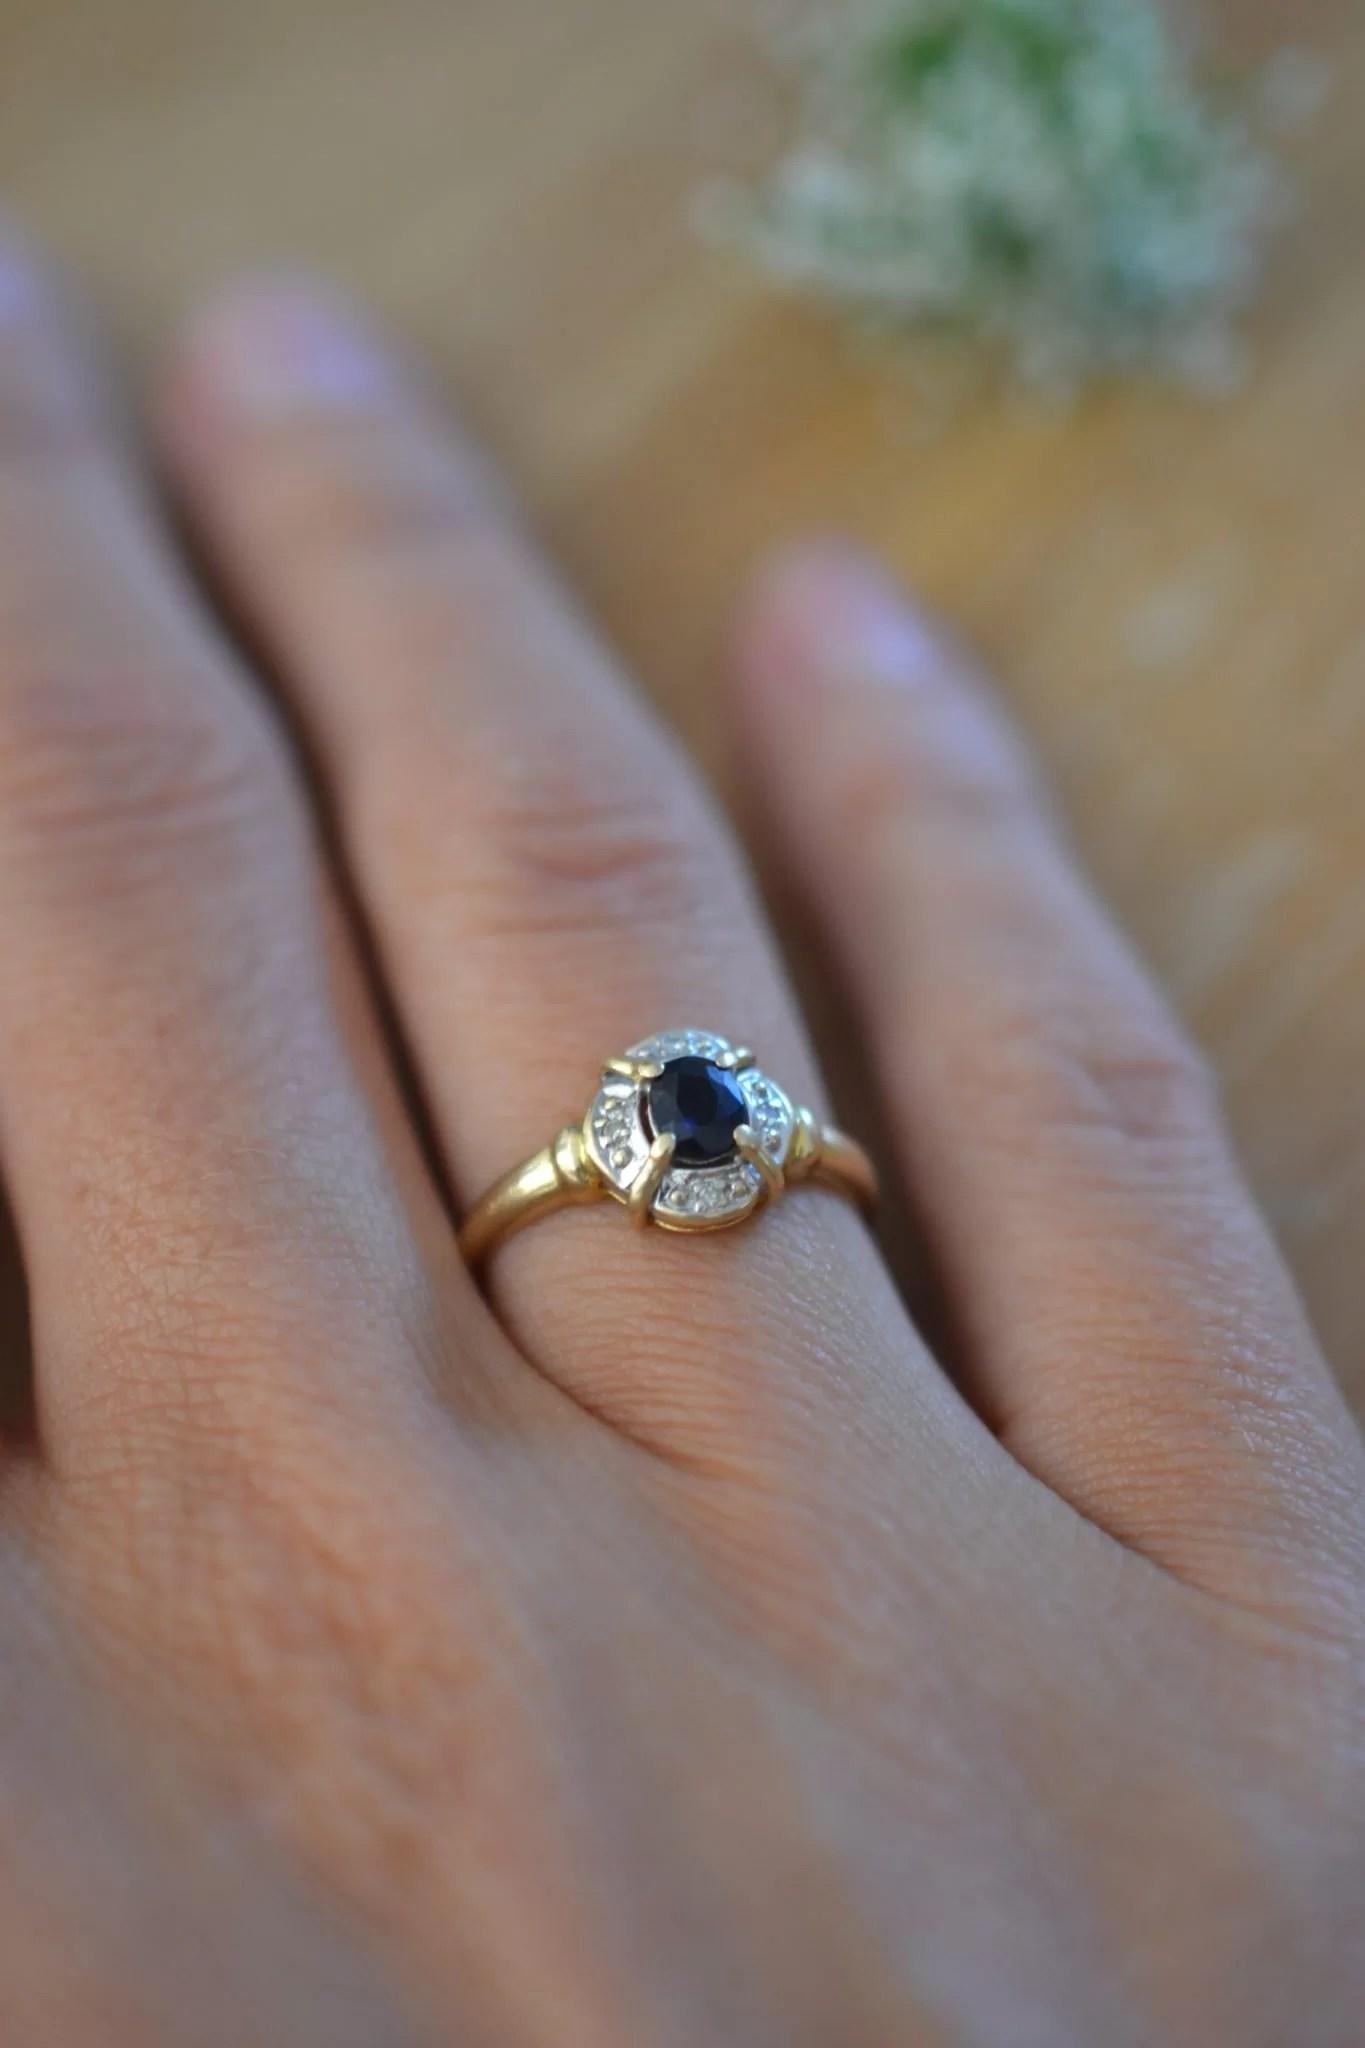 bague saphir et Or jaune et blanc pavage - bijou ancien - 18 carats 750/1000 - bijoux seconde main